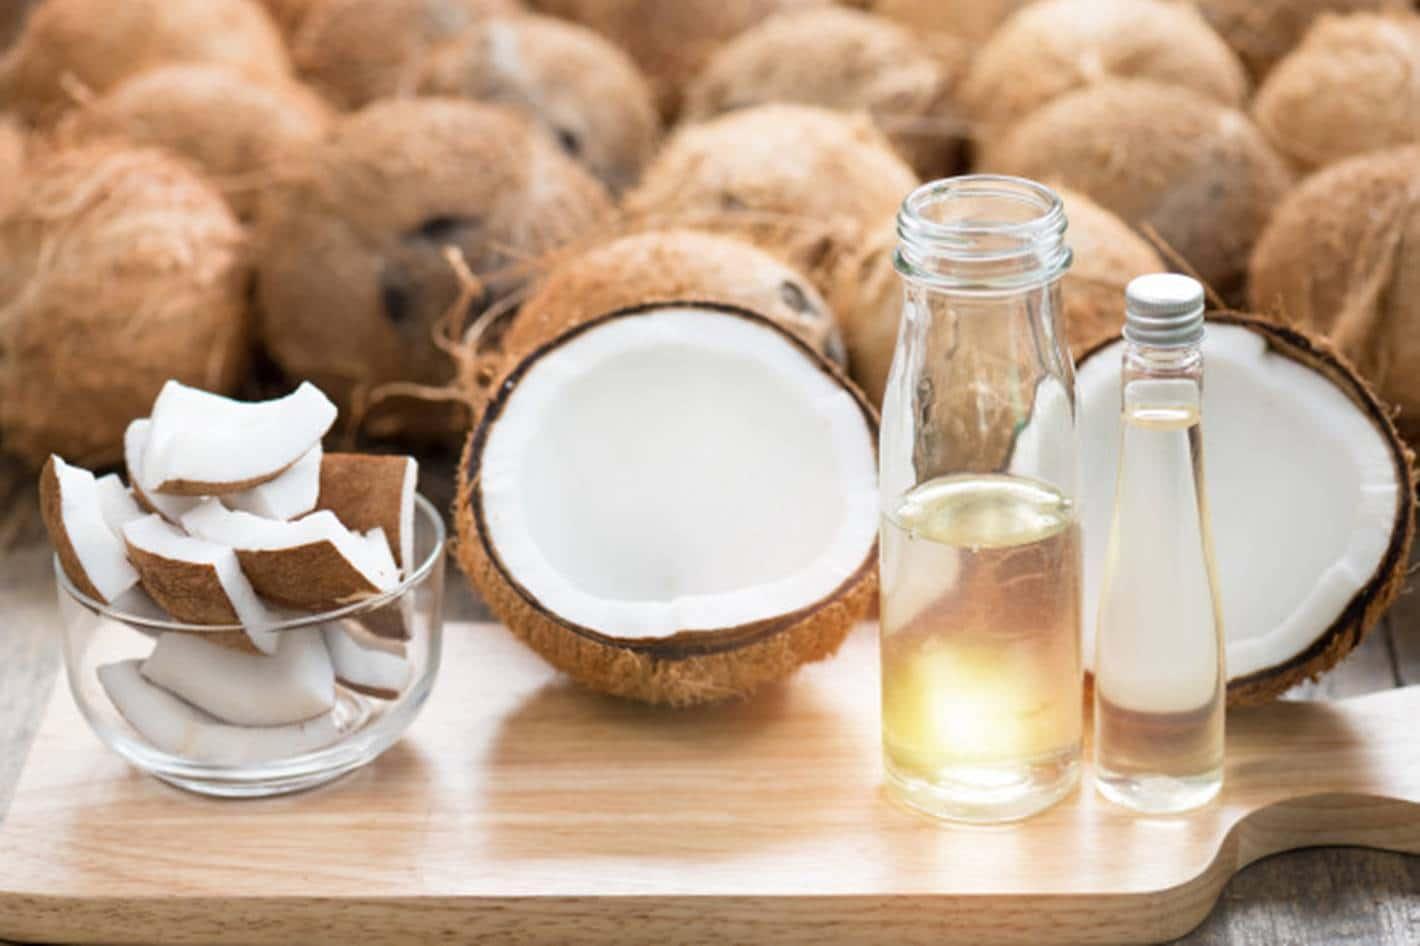 Como usar corretamente o óleo de coco no cabelo para ótimos resultados